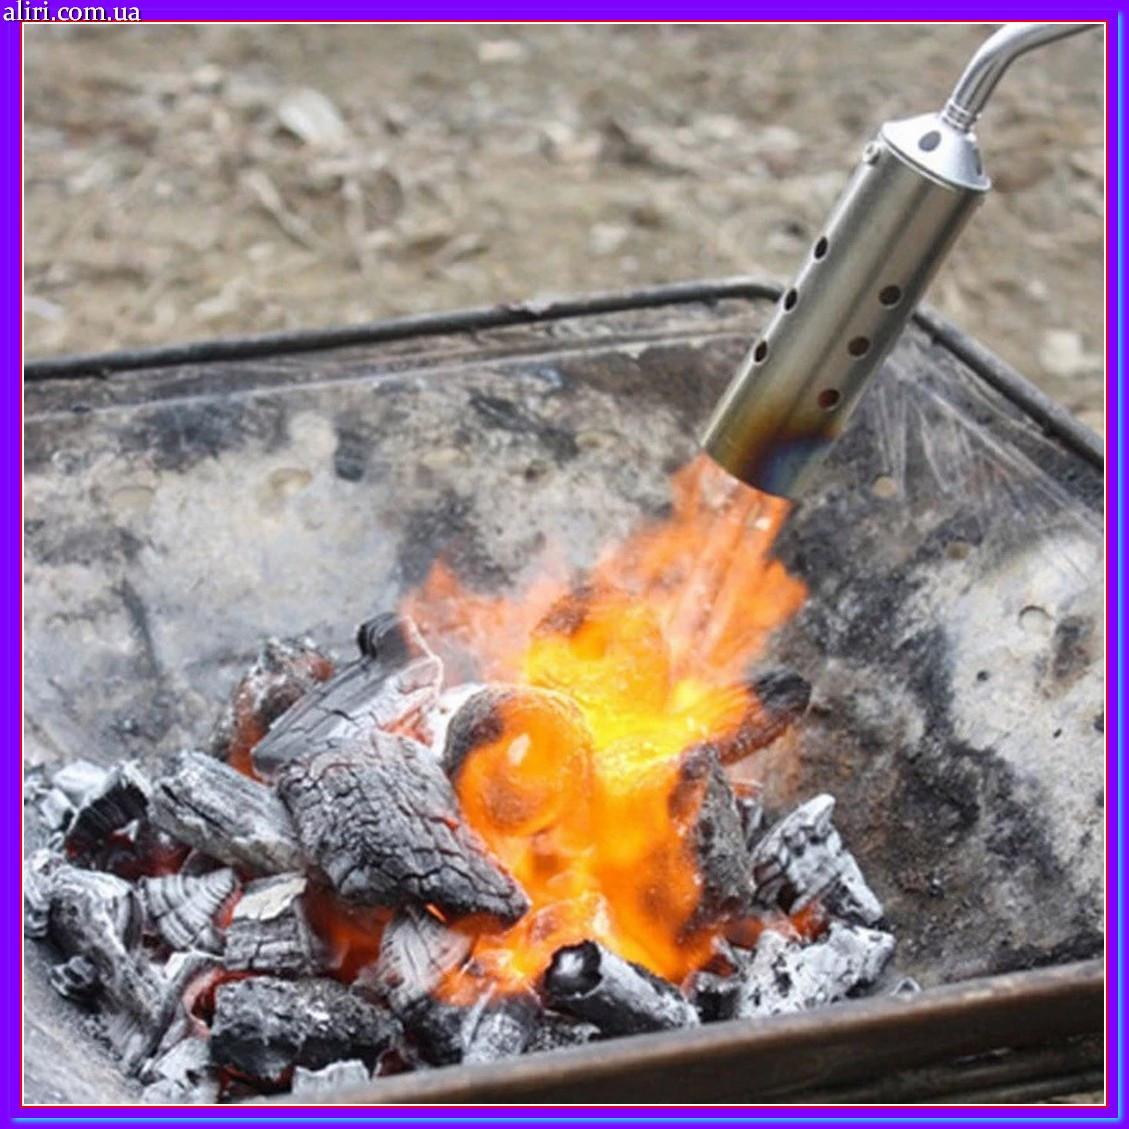 Газовая горелка KLL-7012